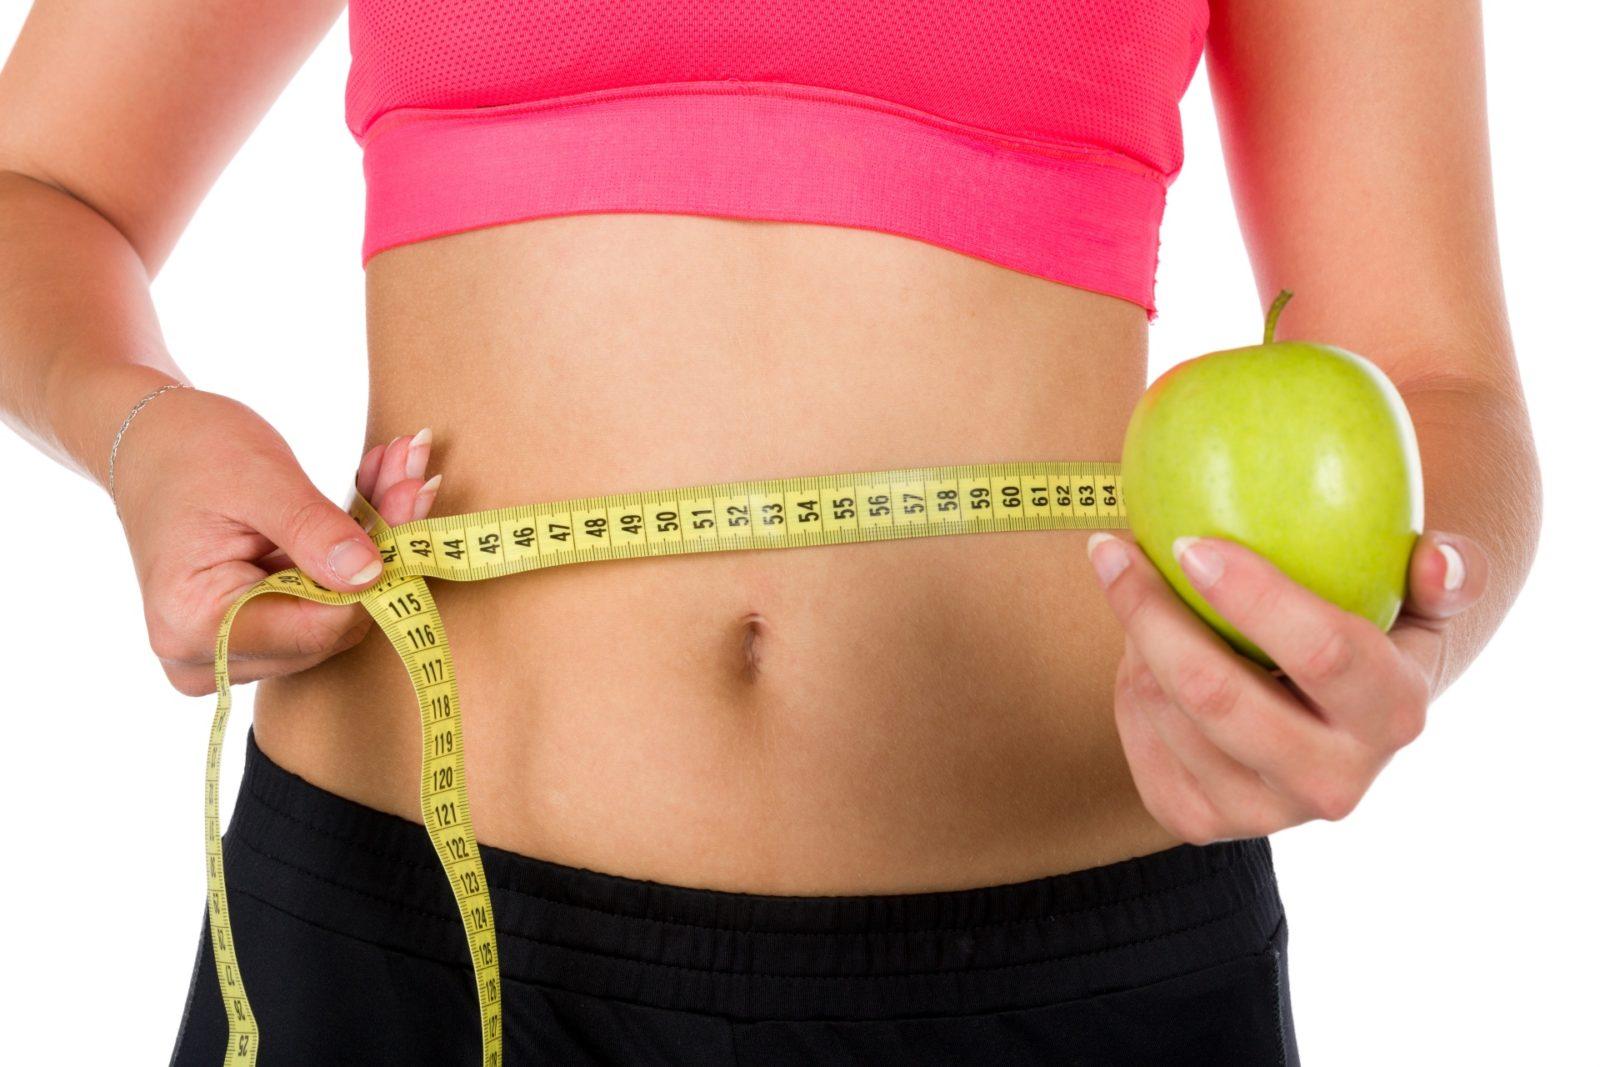 Топ-7 упражнений для живота и боков, с которыми женщина в домашних условиях добьется отличных форм